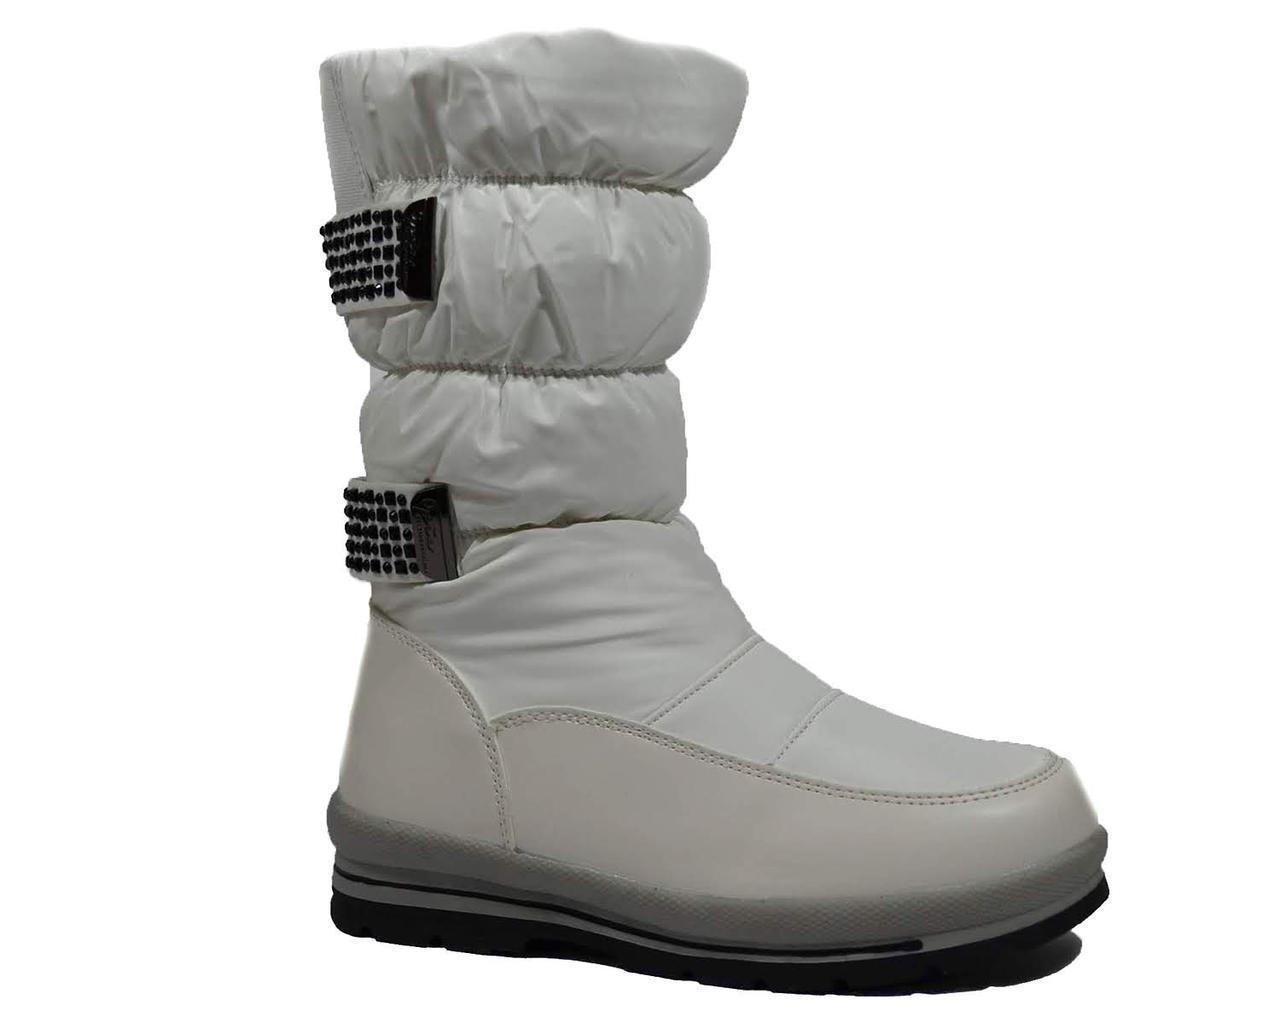 ccdb05ac7 Дутики, зимние сапоги для девочки подростка, TOM.M белый, 33-38 ...